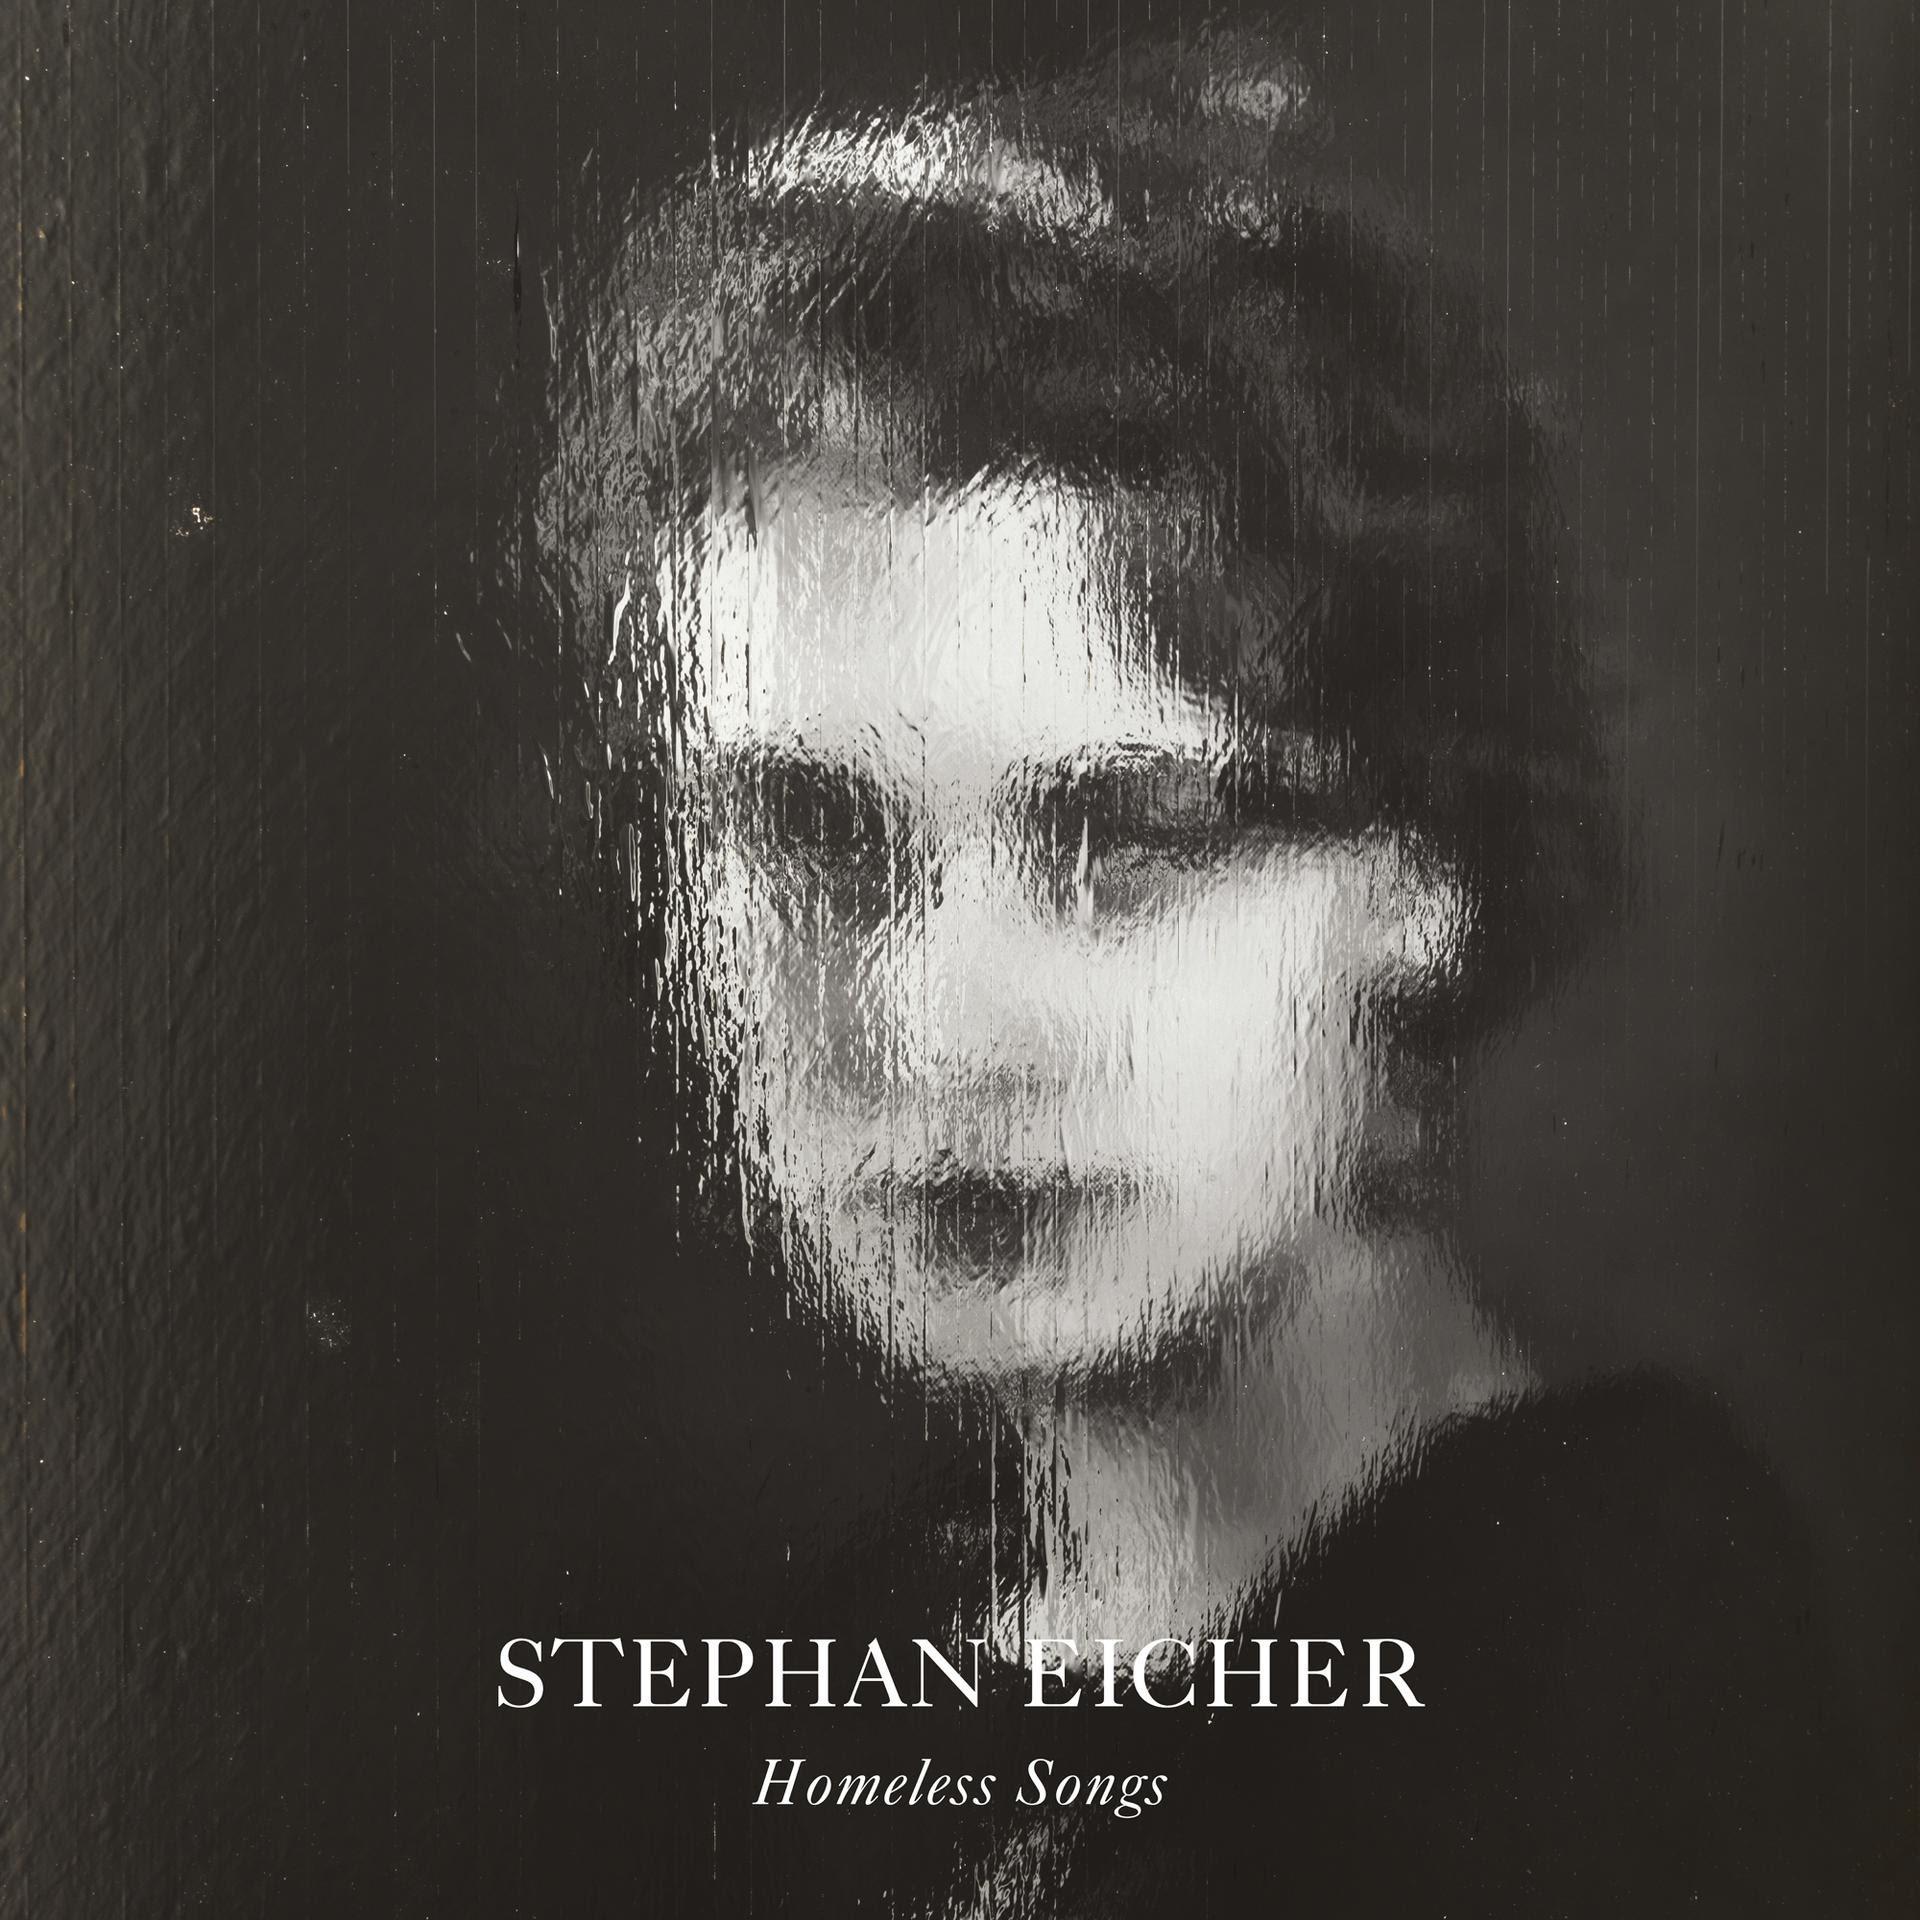 Stephan Eicher-Homeless Songs-Cover-ParisBazaar-Borde